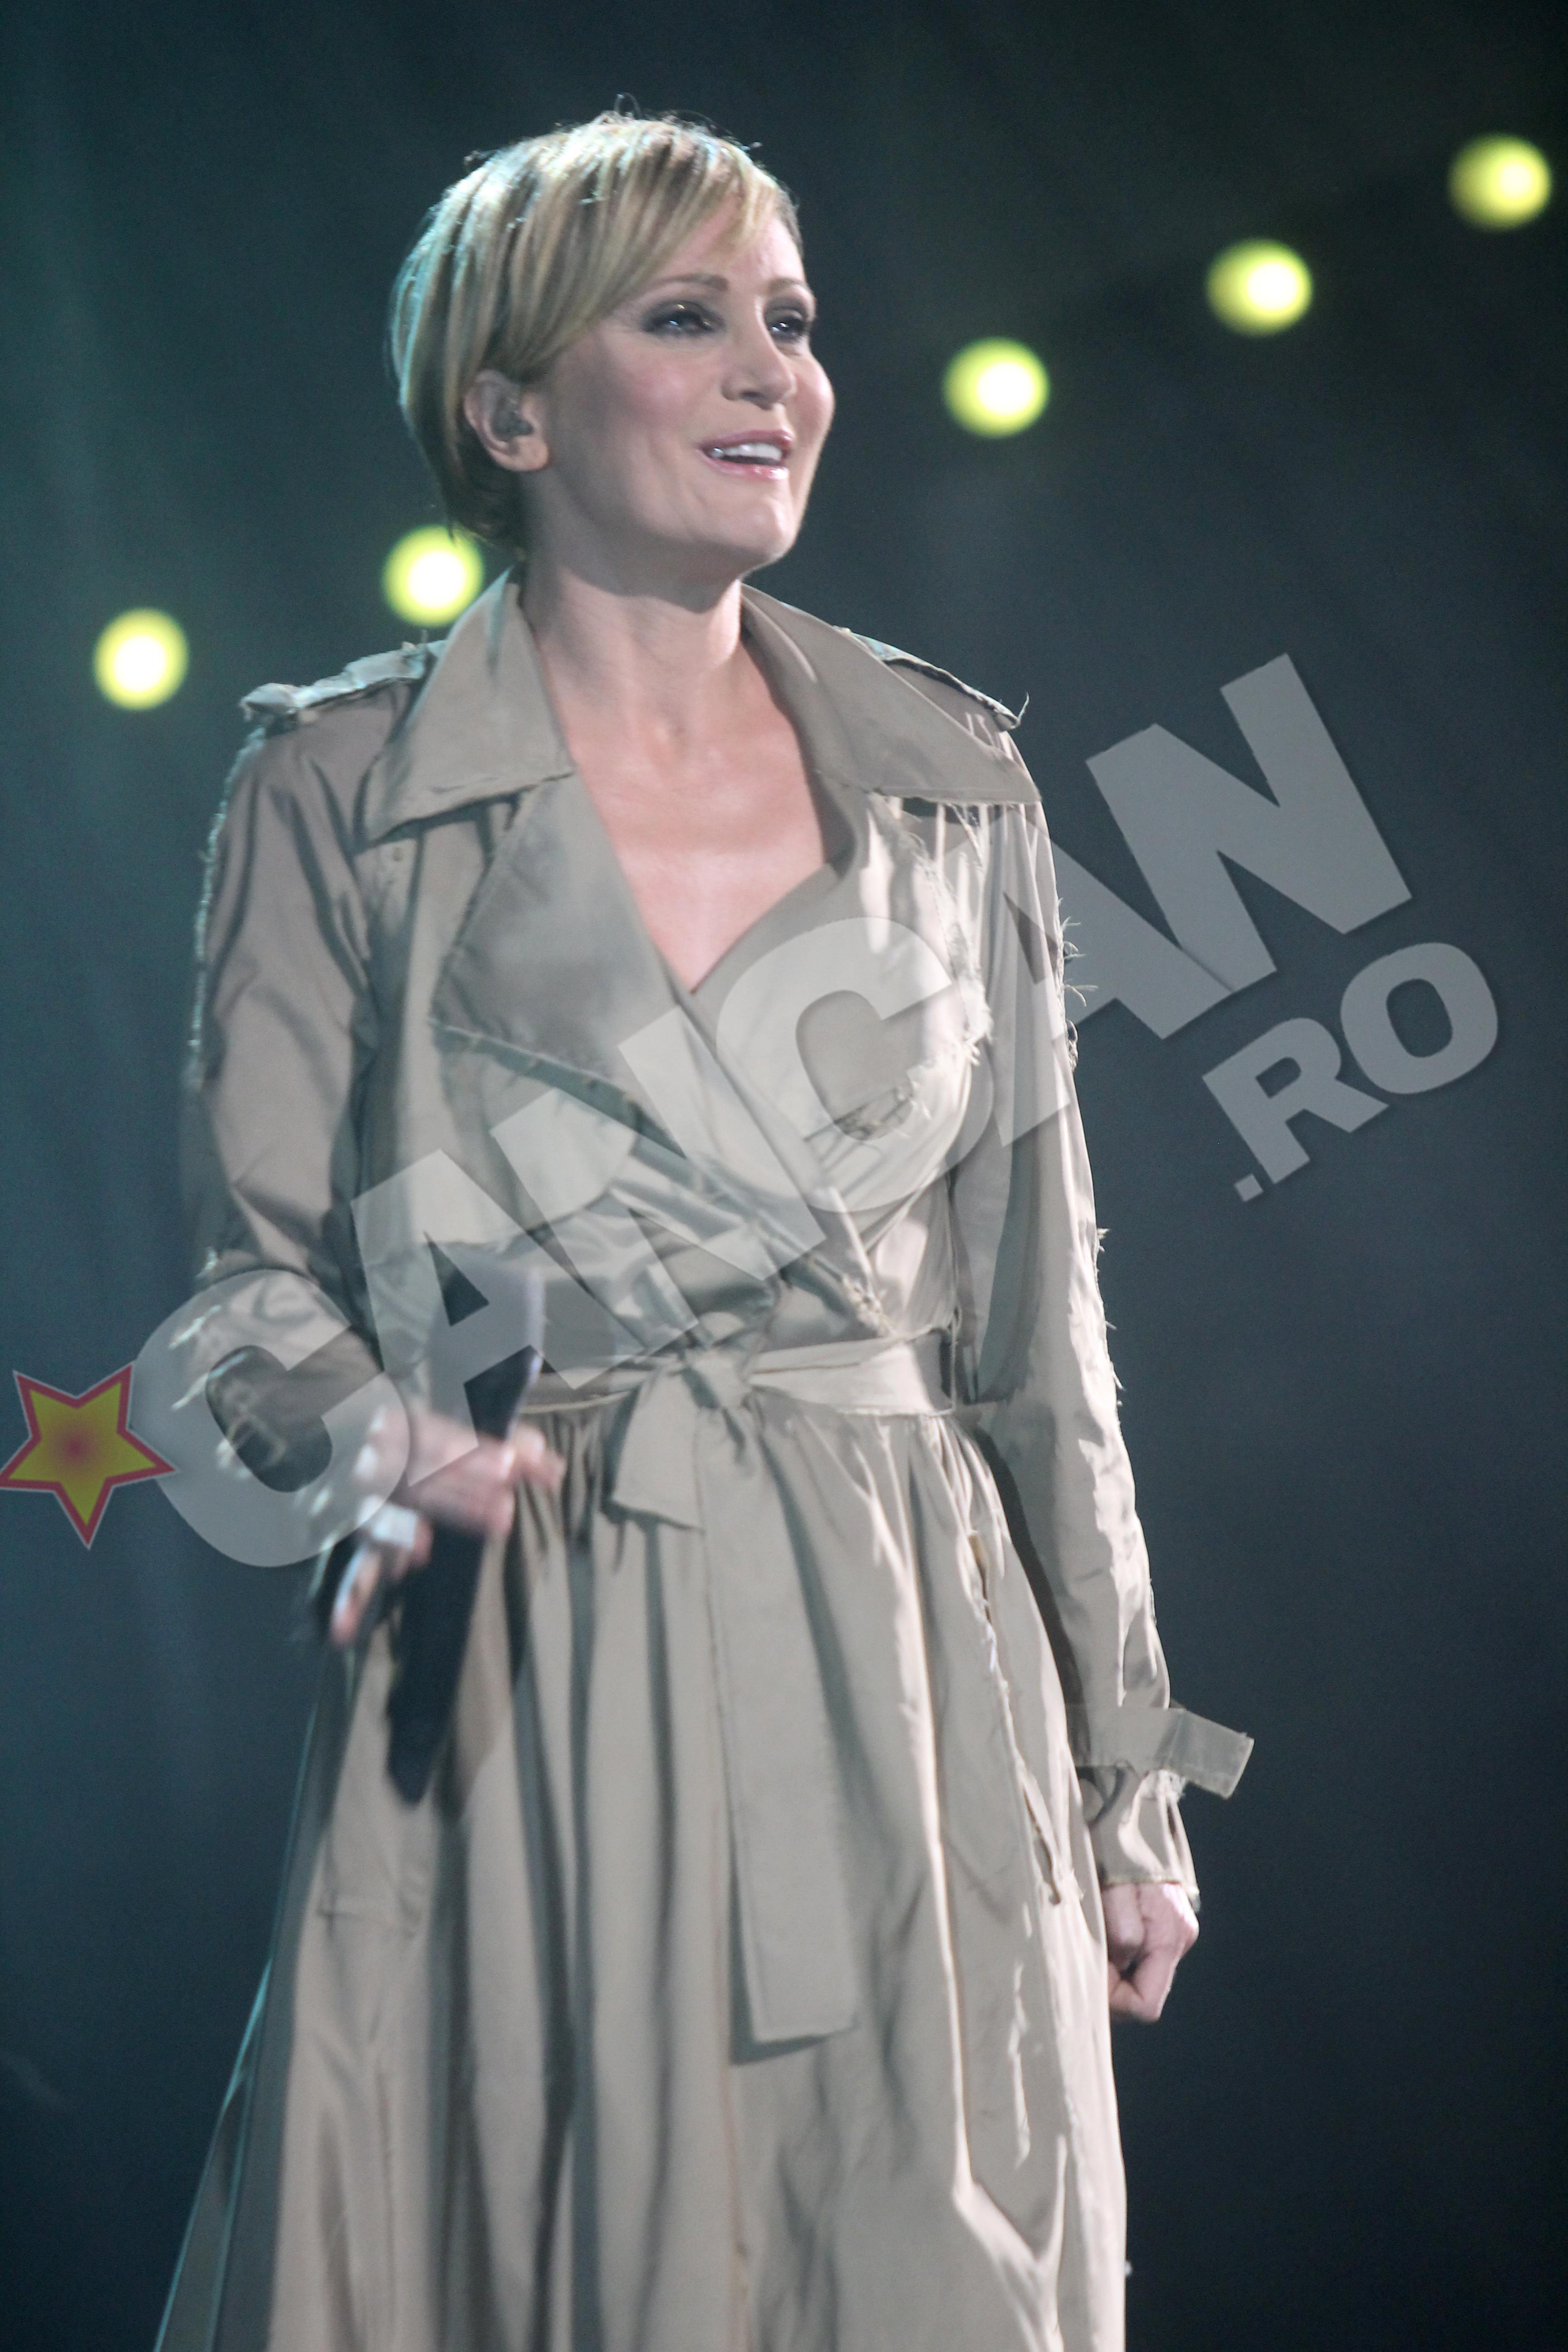 In concertul sustinut duminica la Sala Palatului din bucuresti, chipul Patriciei radia de fericire